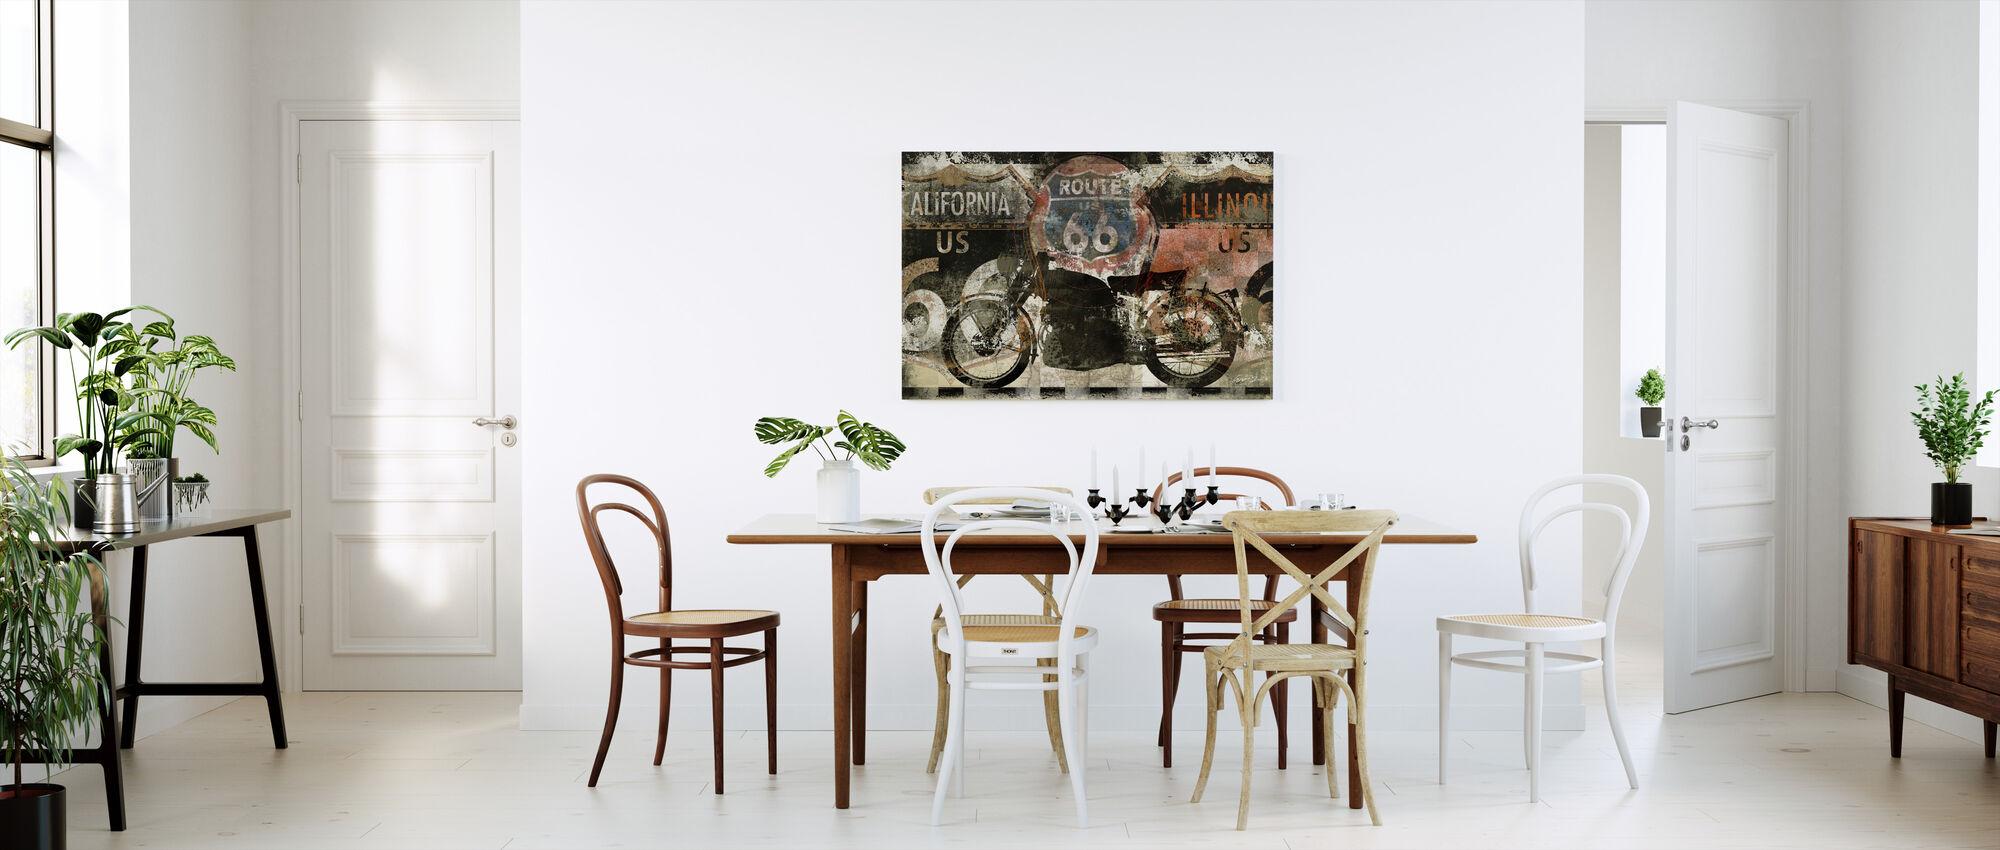 Route 66 US - Canvas print - Kitchen